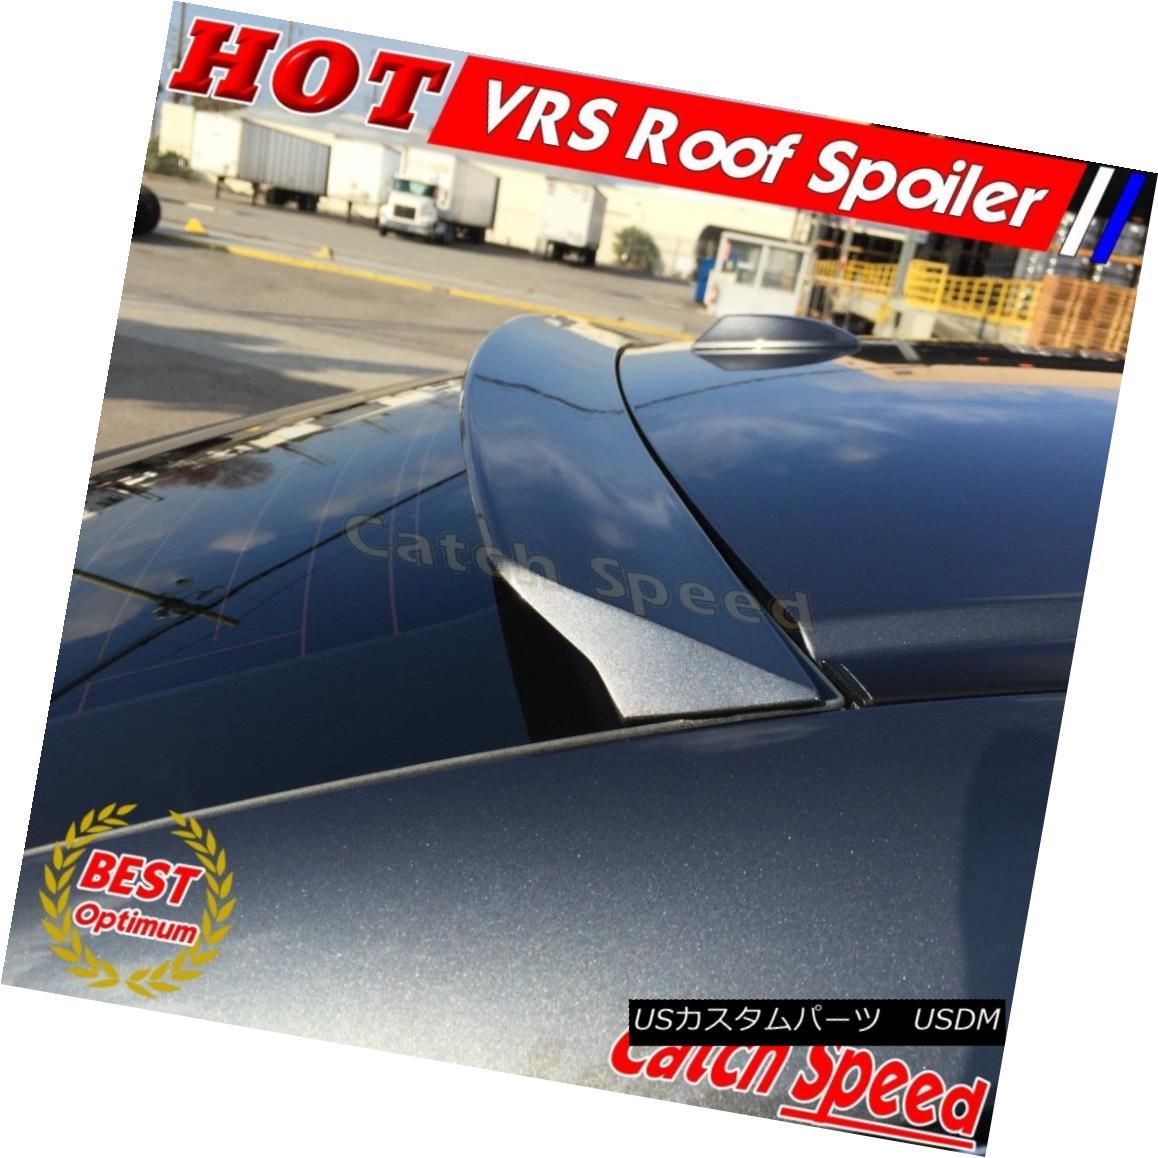 エアロパーツ Painted VRS Style Rear Roof Spoiler Wing For Ford Fusion Sedan 2006~2009 フォードフュージョンセダン用VRSスタイルリアルーフスポイラーウィング2006年?2009年